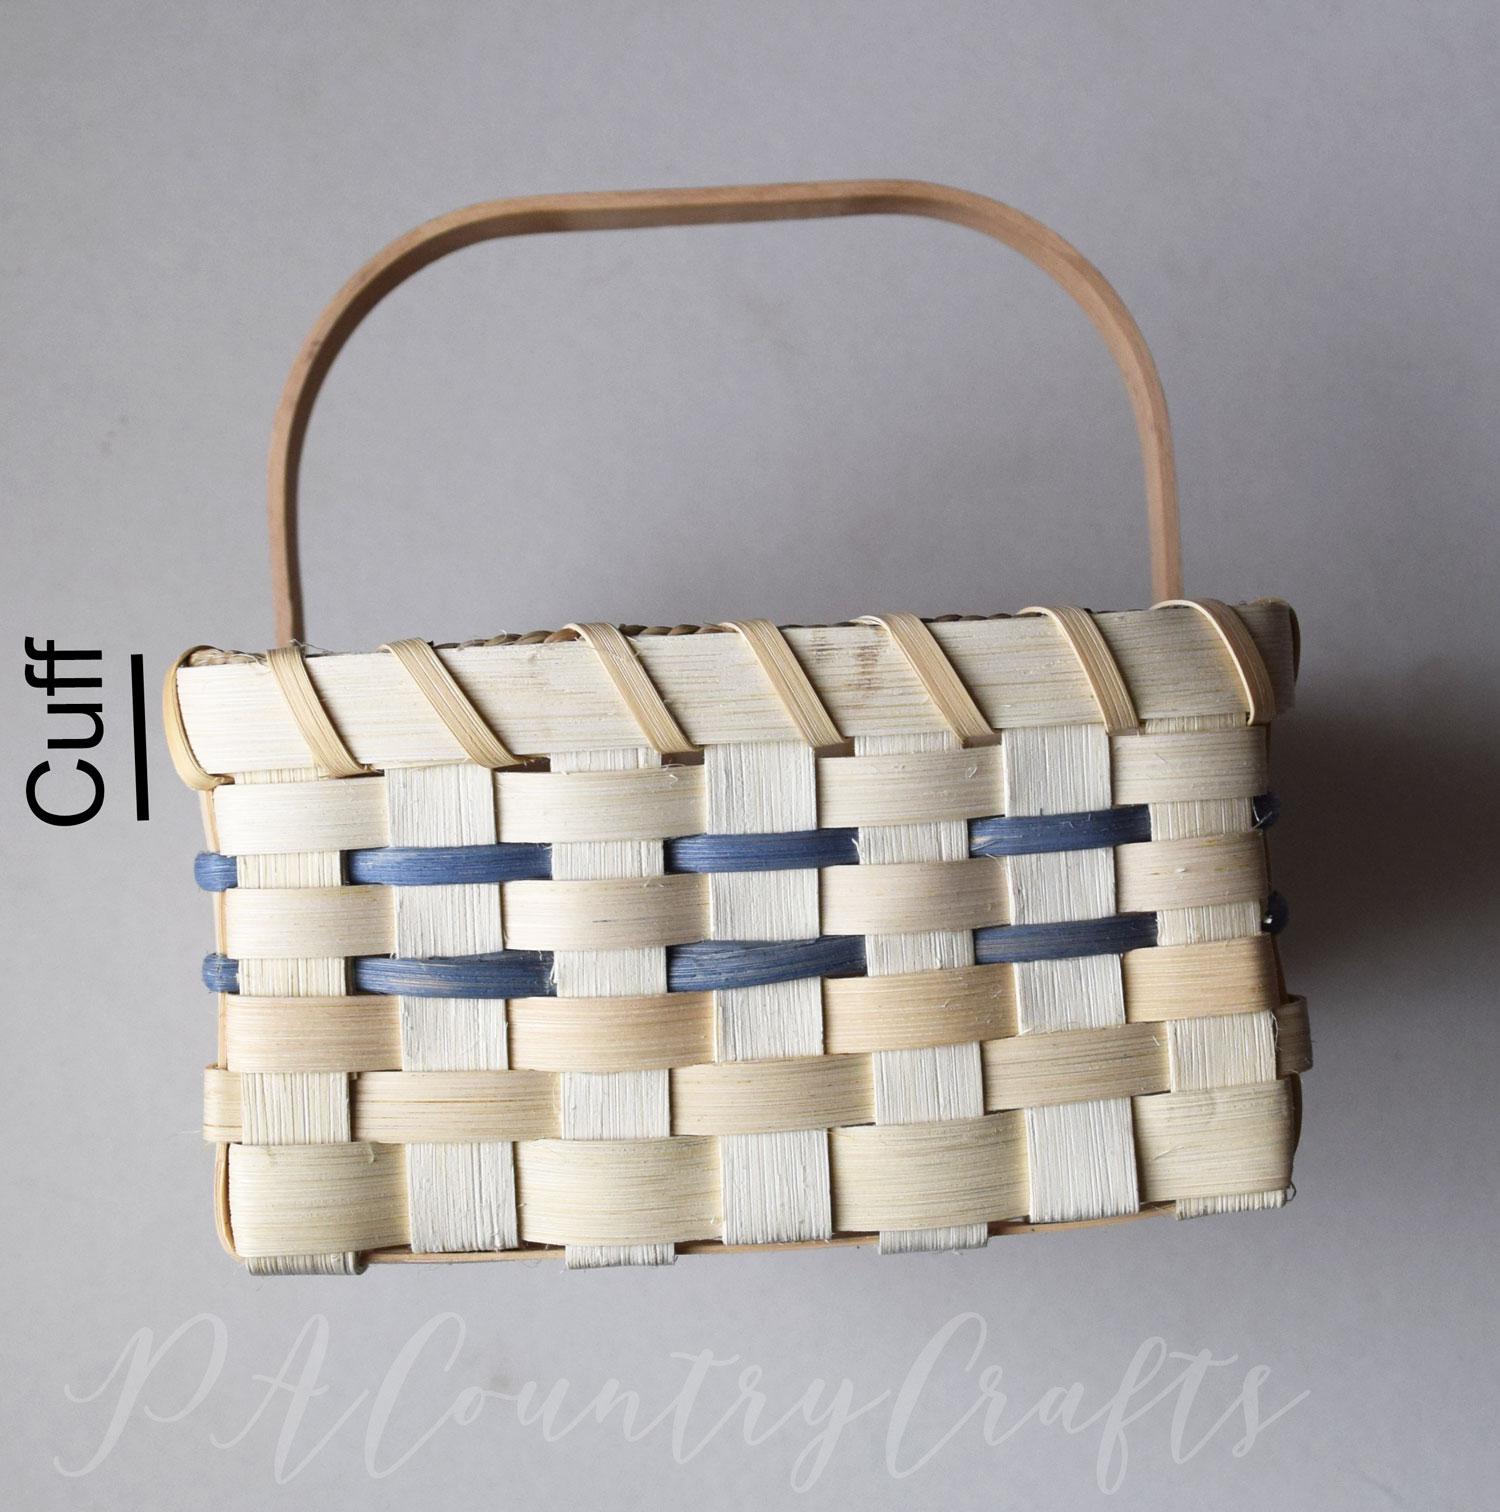 Market basket liner tutorial